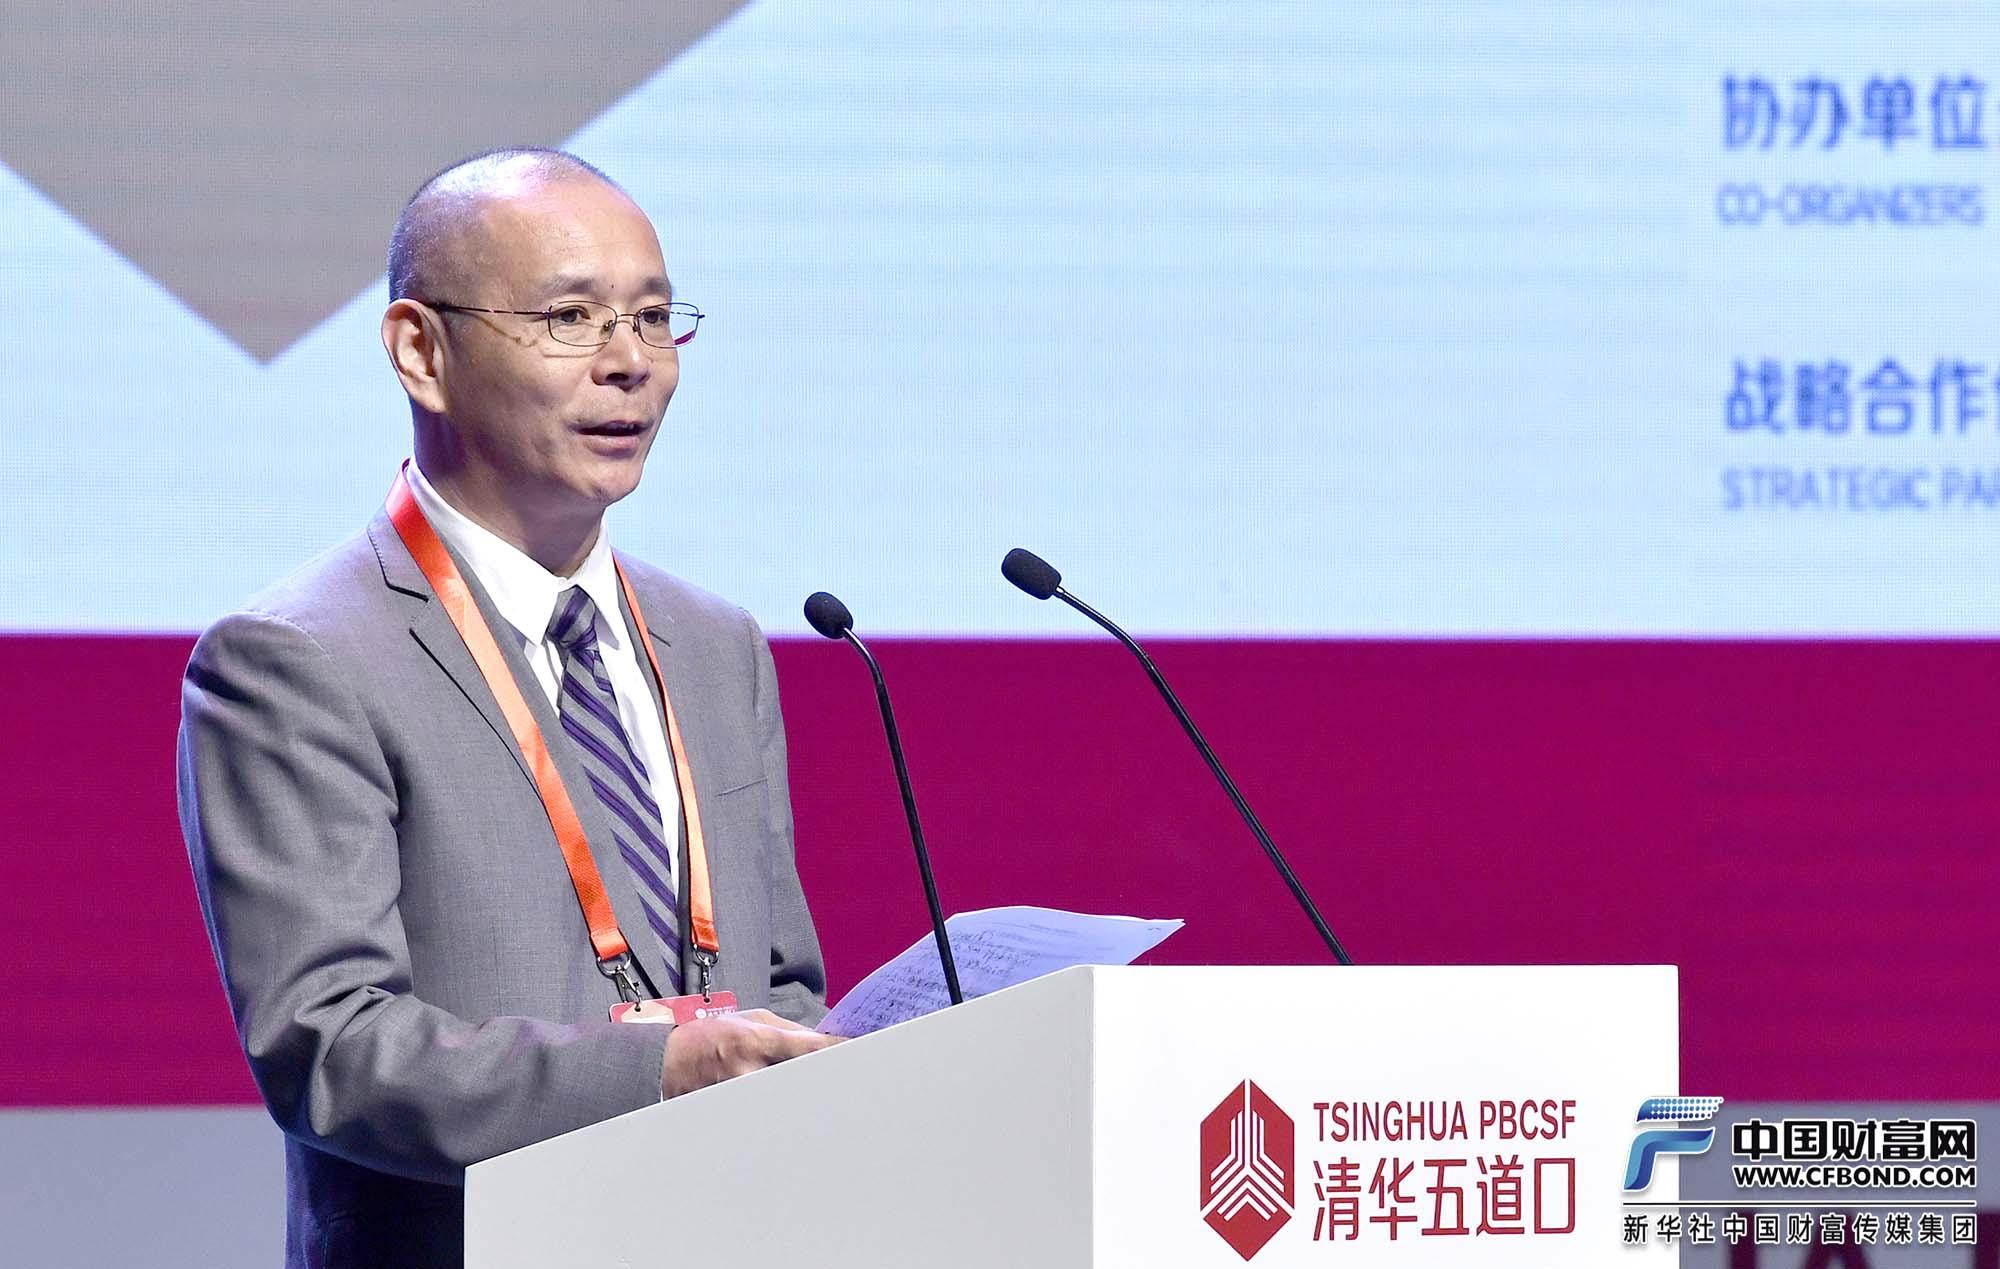 主题论坛一:《2019中国金融政策报告》发布。主持人:中国社会科学院金融政策研究中心主任何海峰